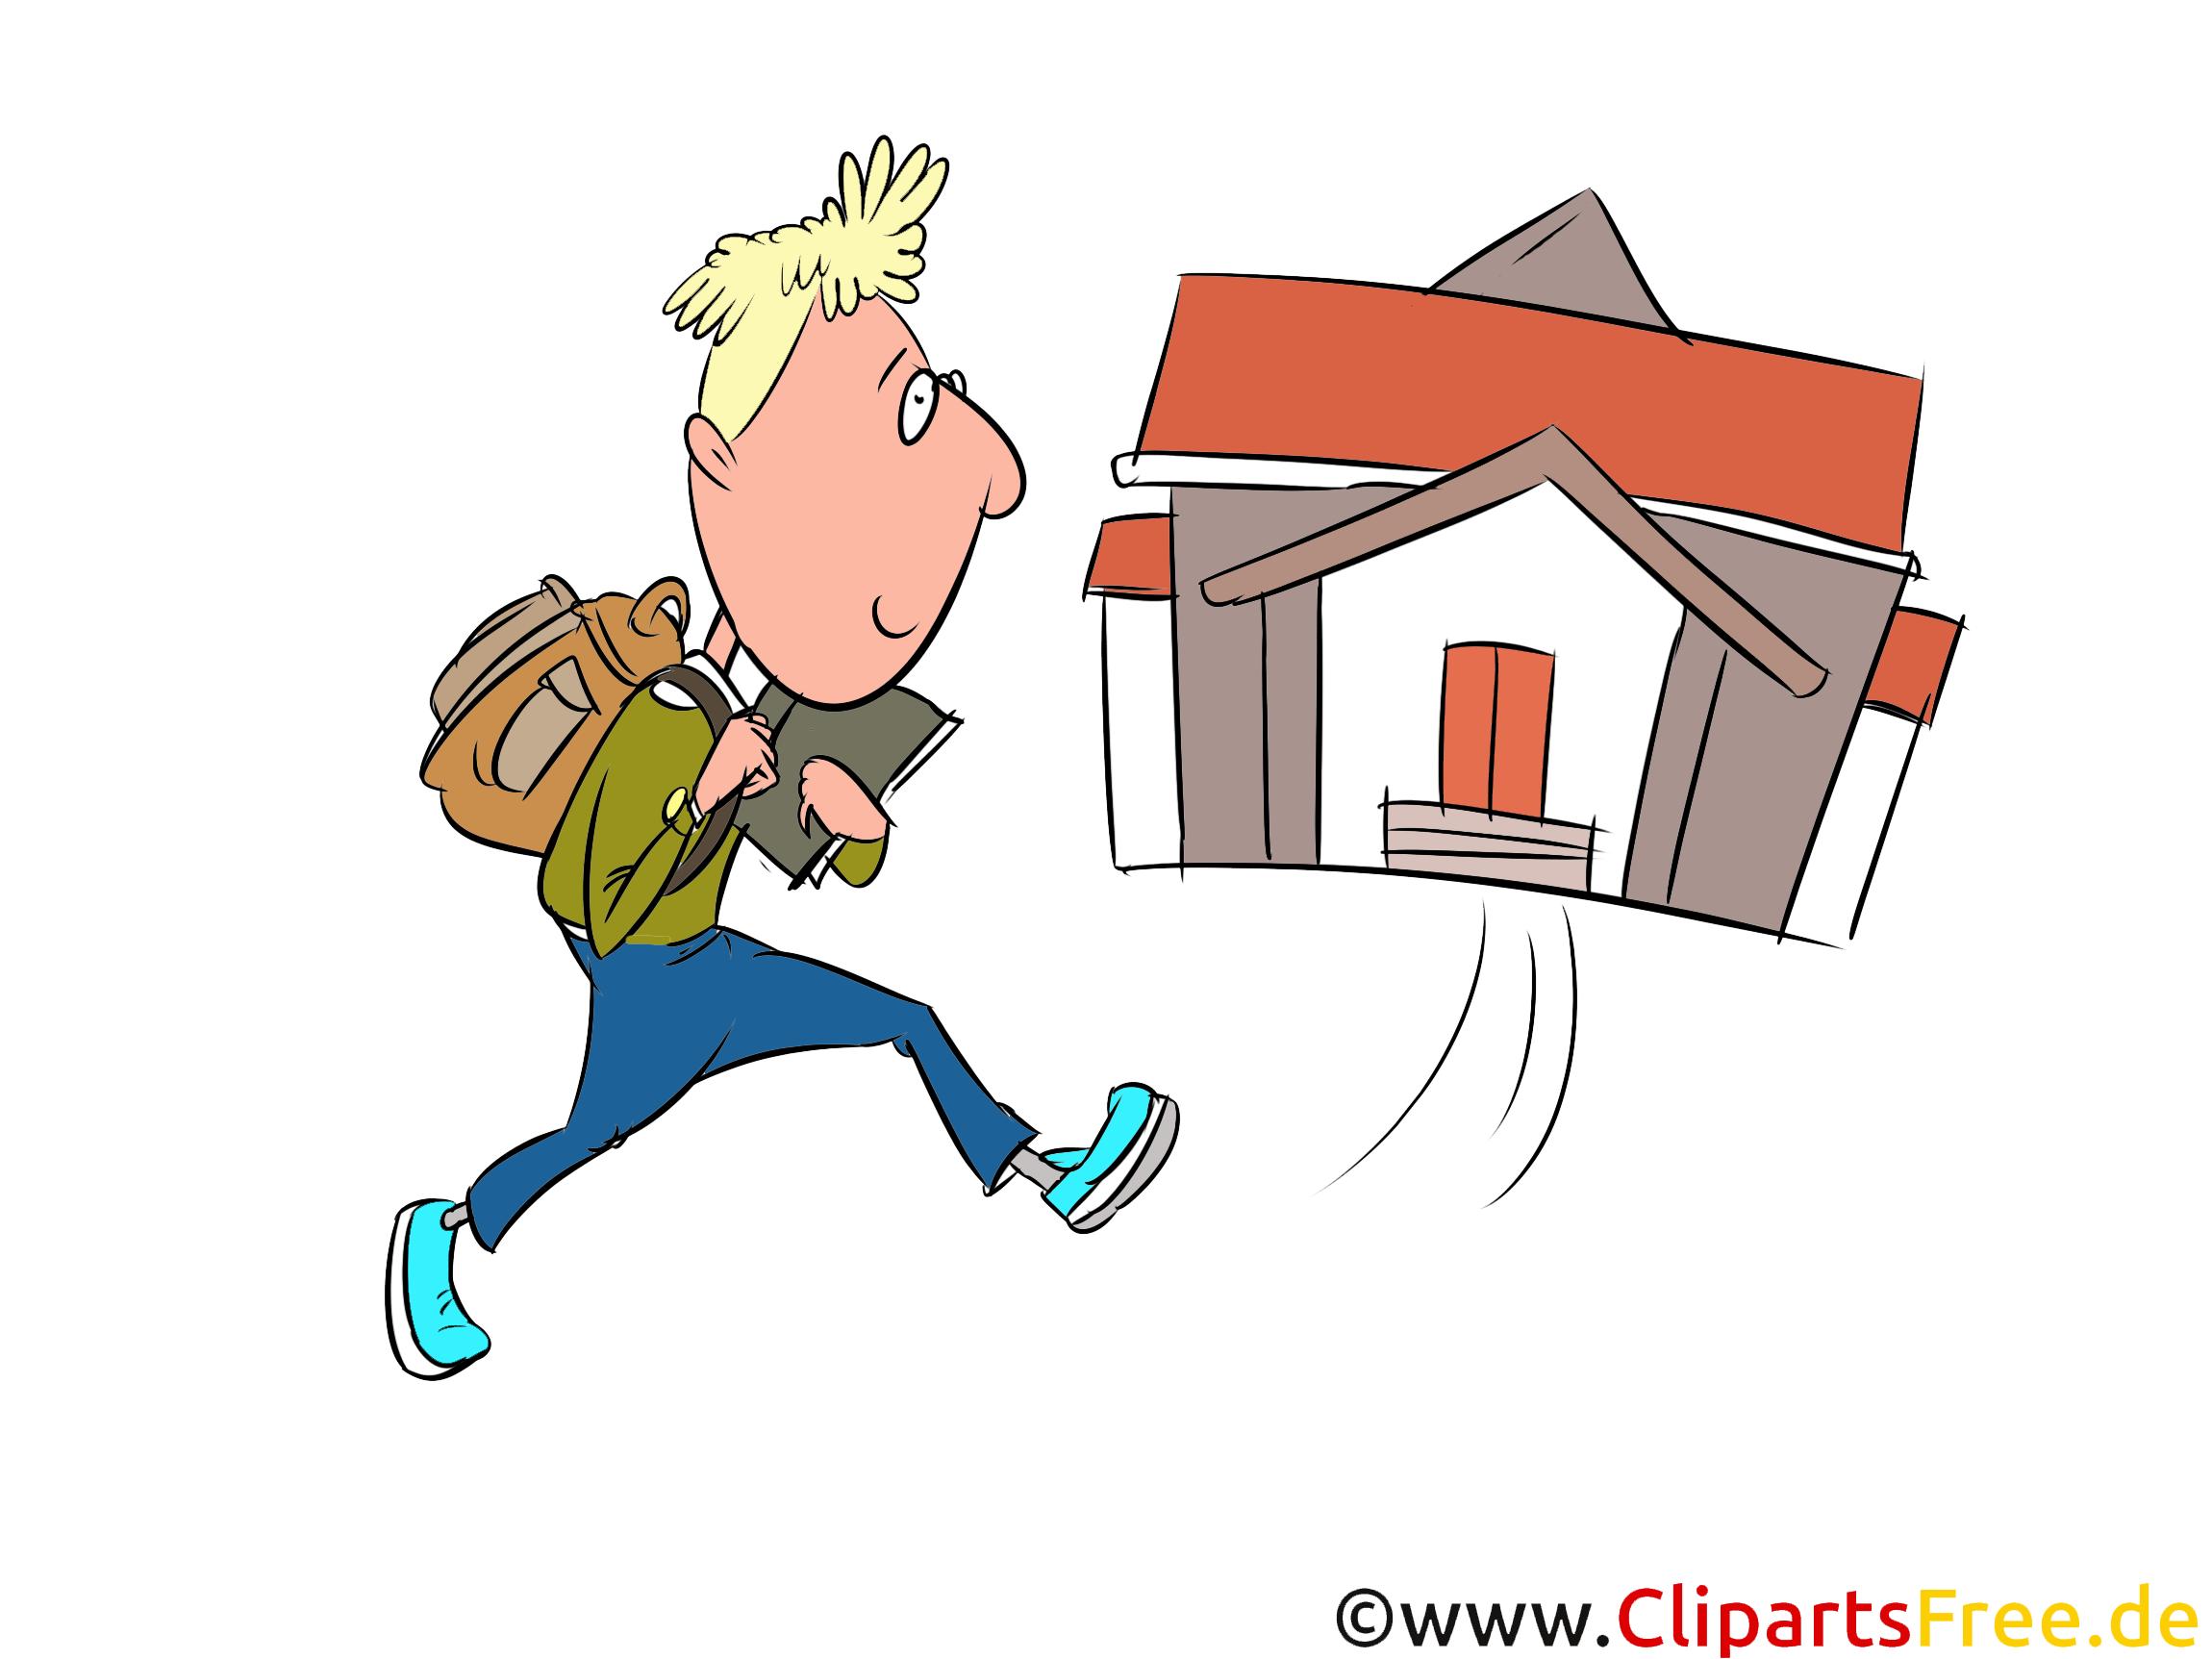 Schüler grennt in die Schule Bild, Illustration, Clipart, Grafik